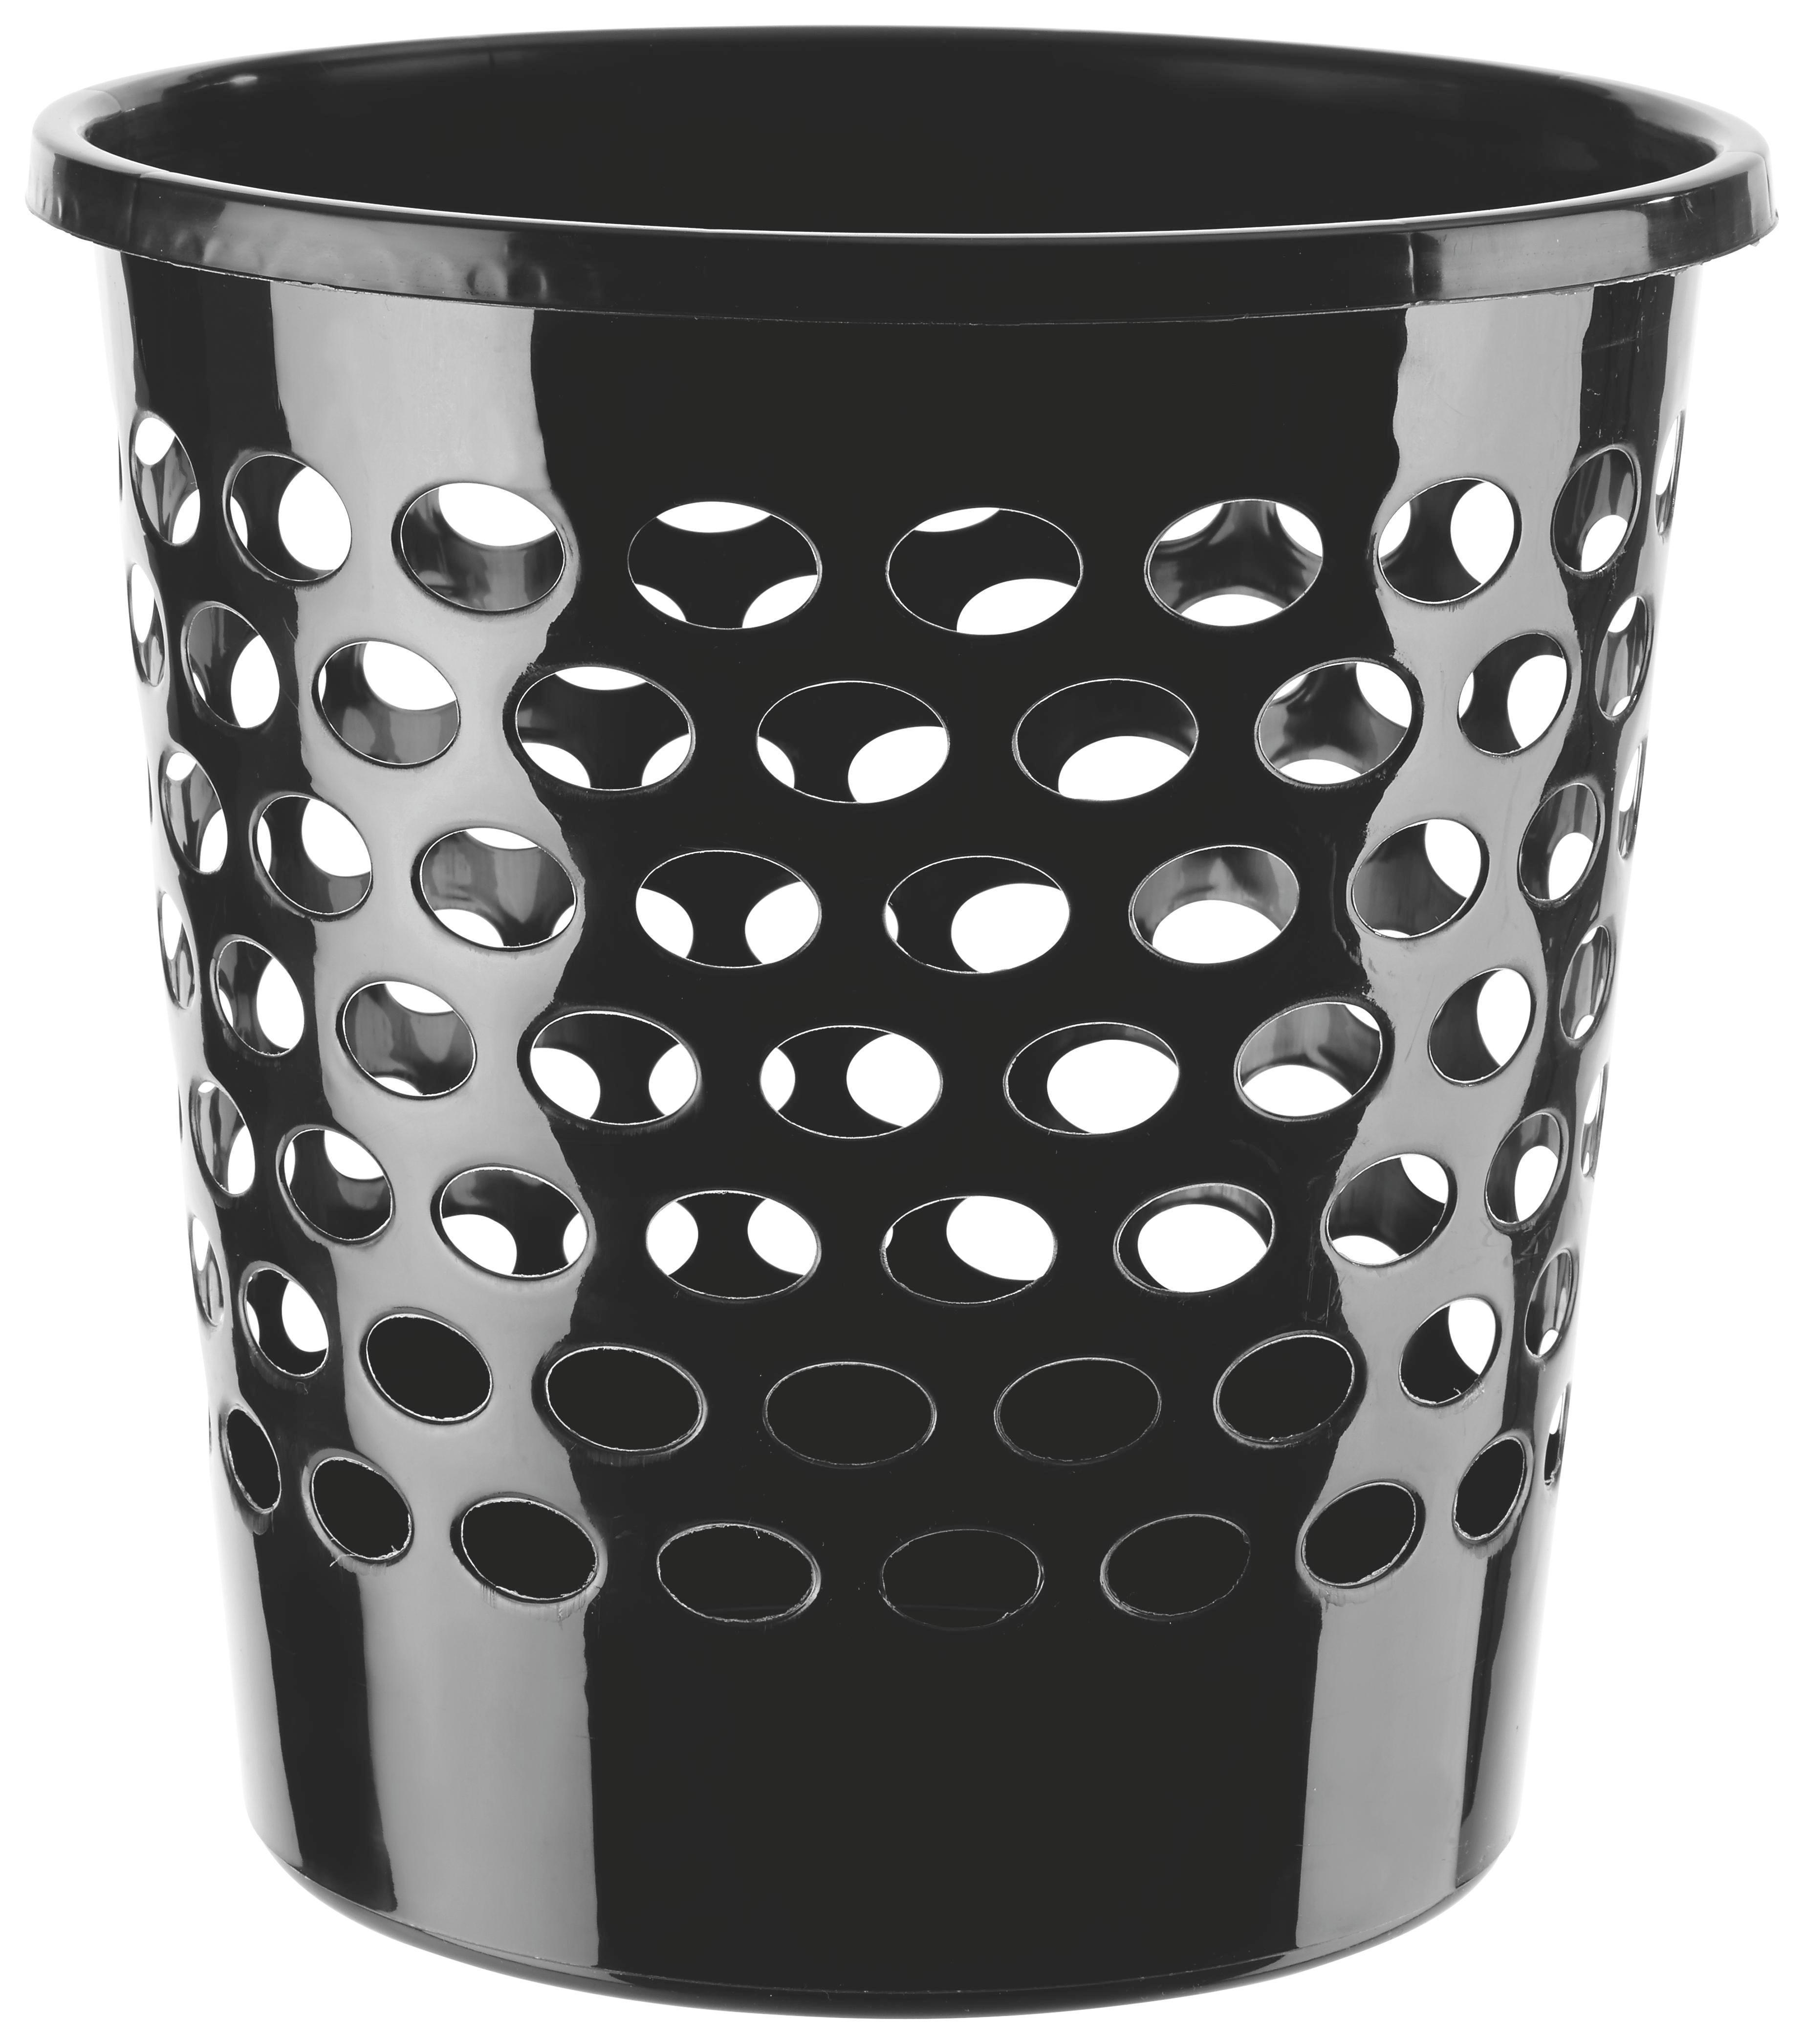 Papírkosár 10 Liter - fekete, műanyag (25/26cm) - MÖMAX modern living